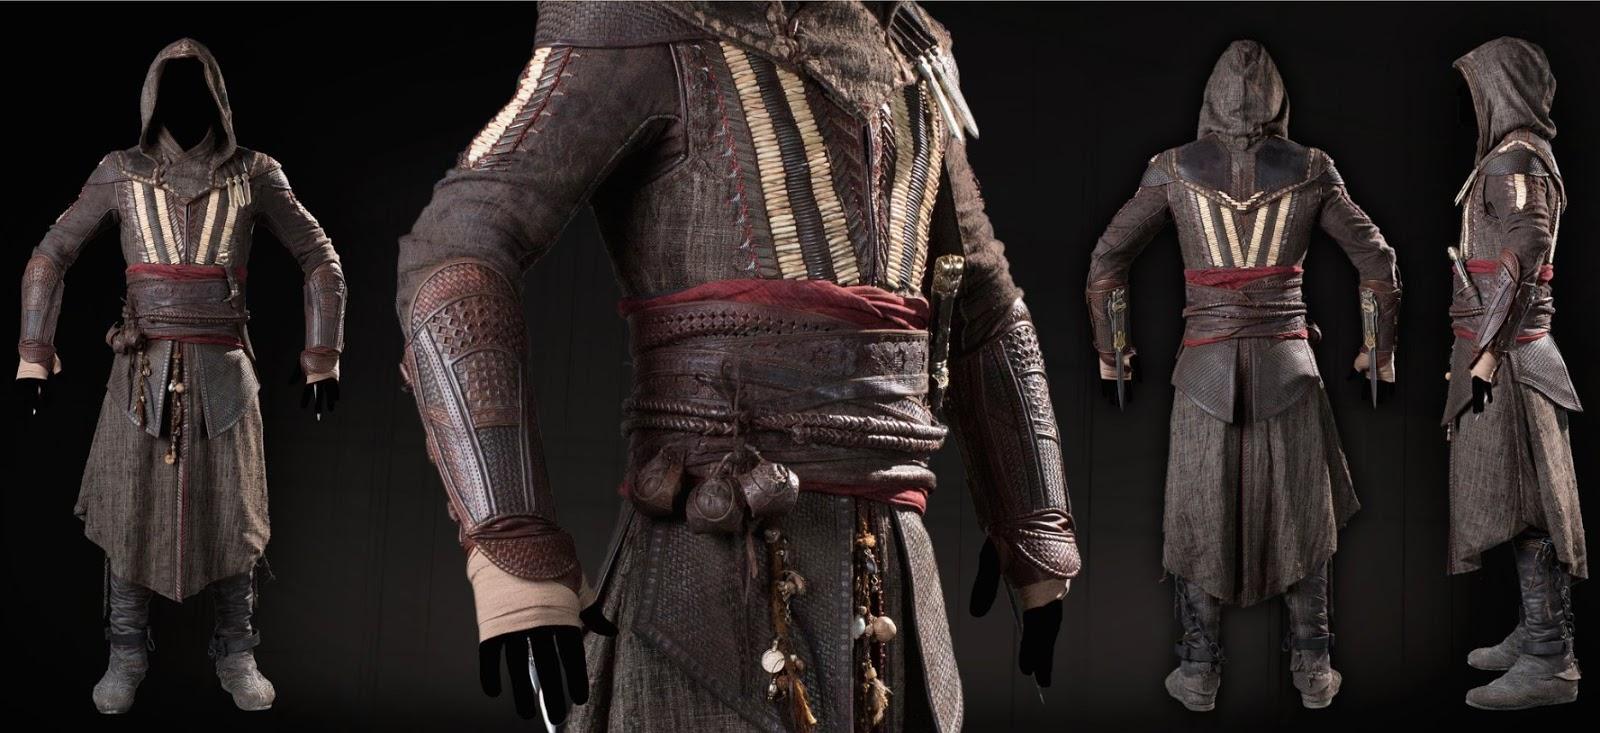 Assassin's Creed Vestuario Movie Pelicula